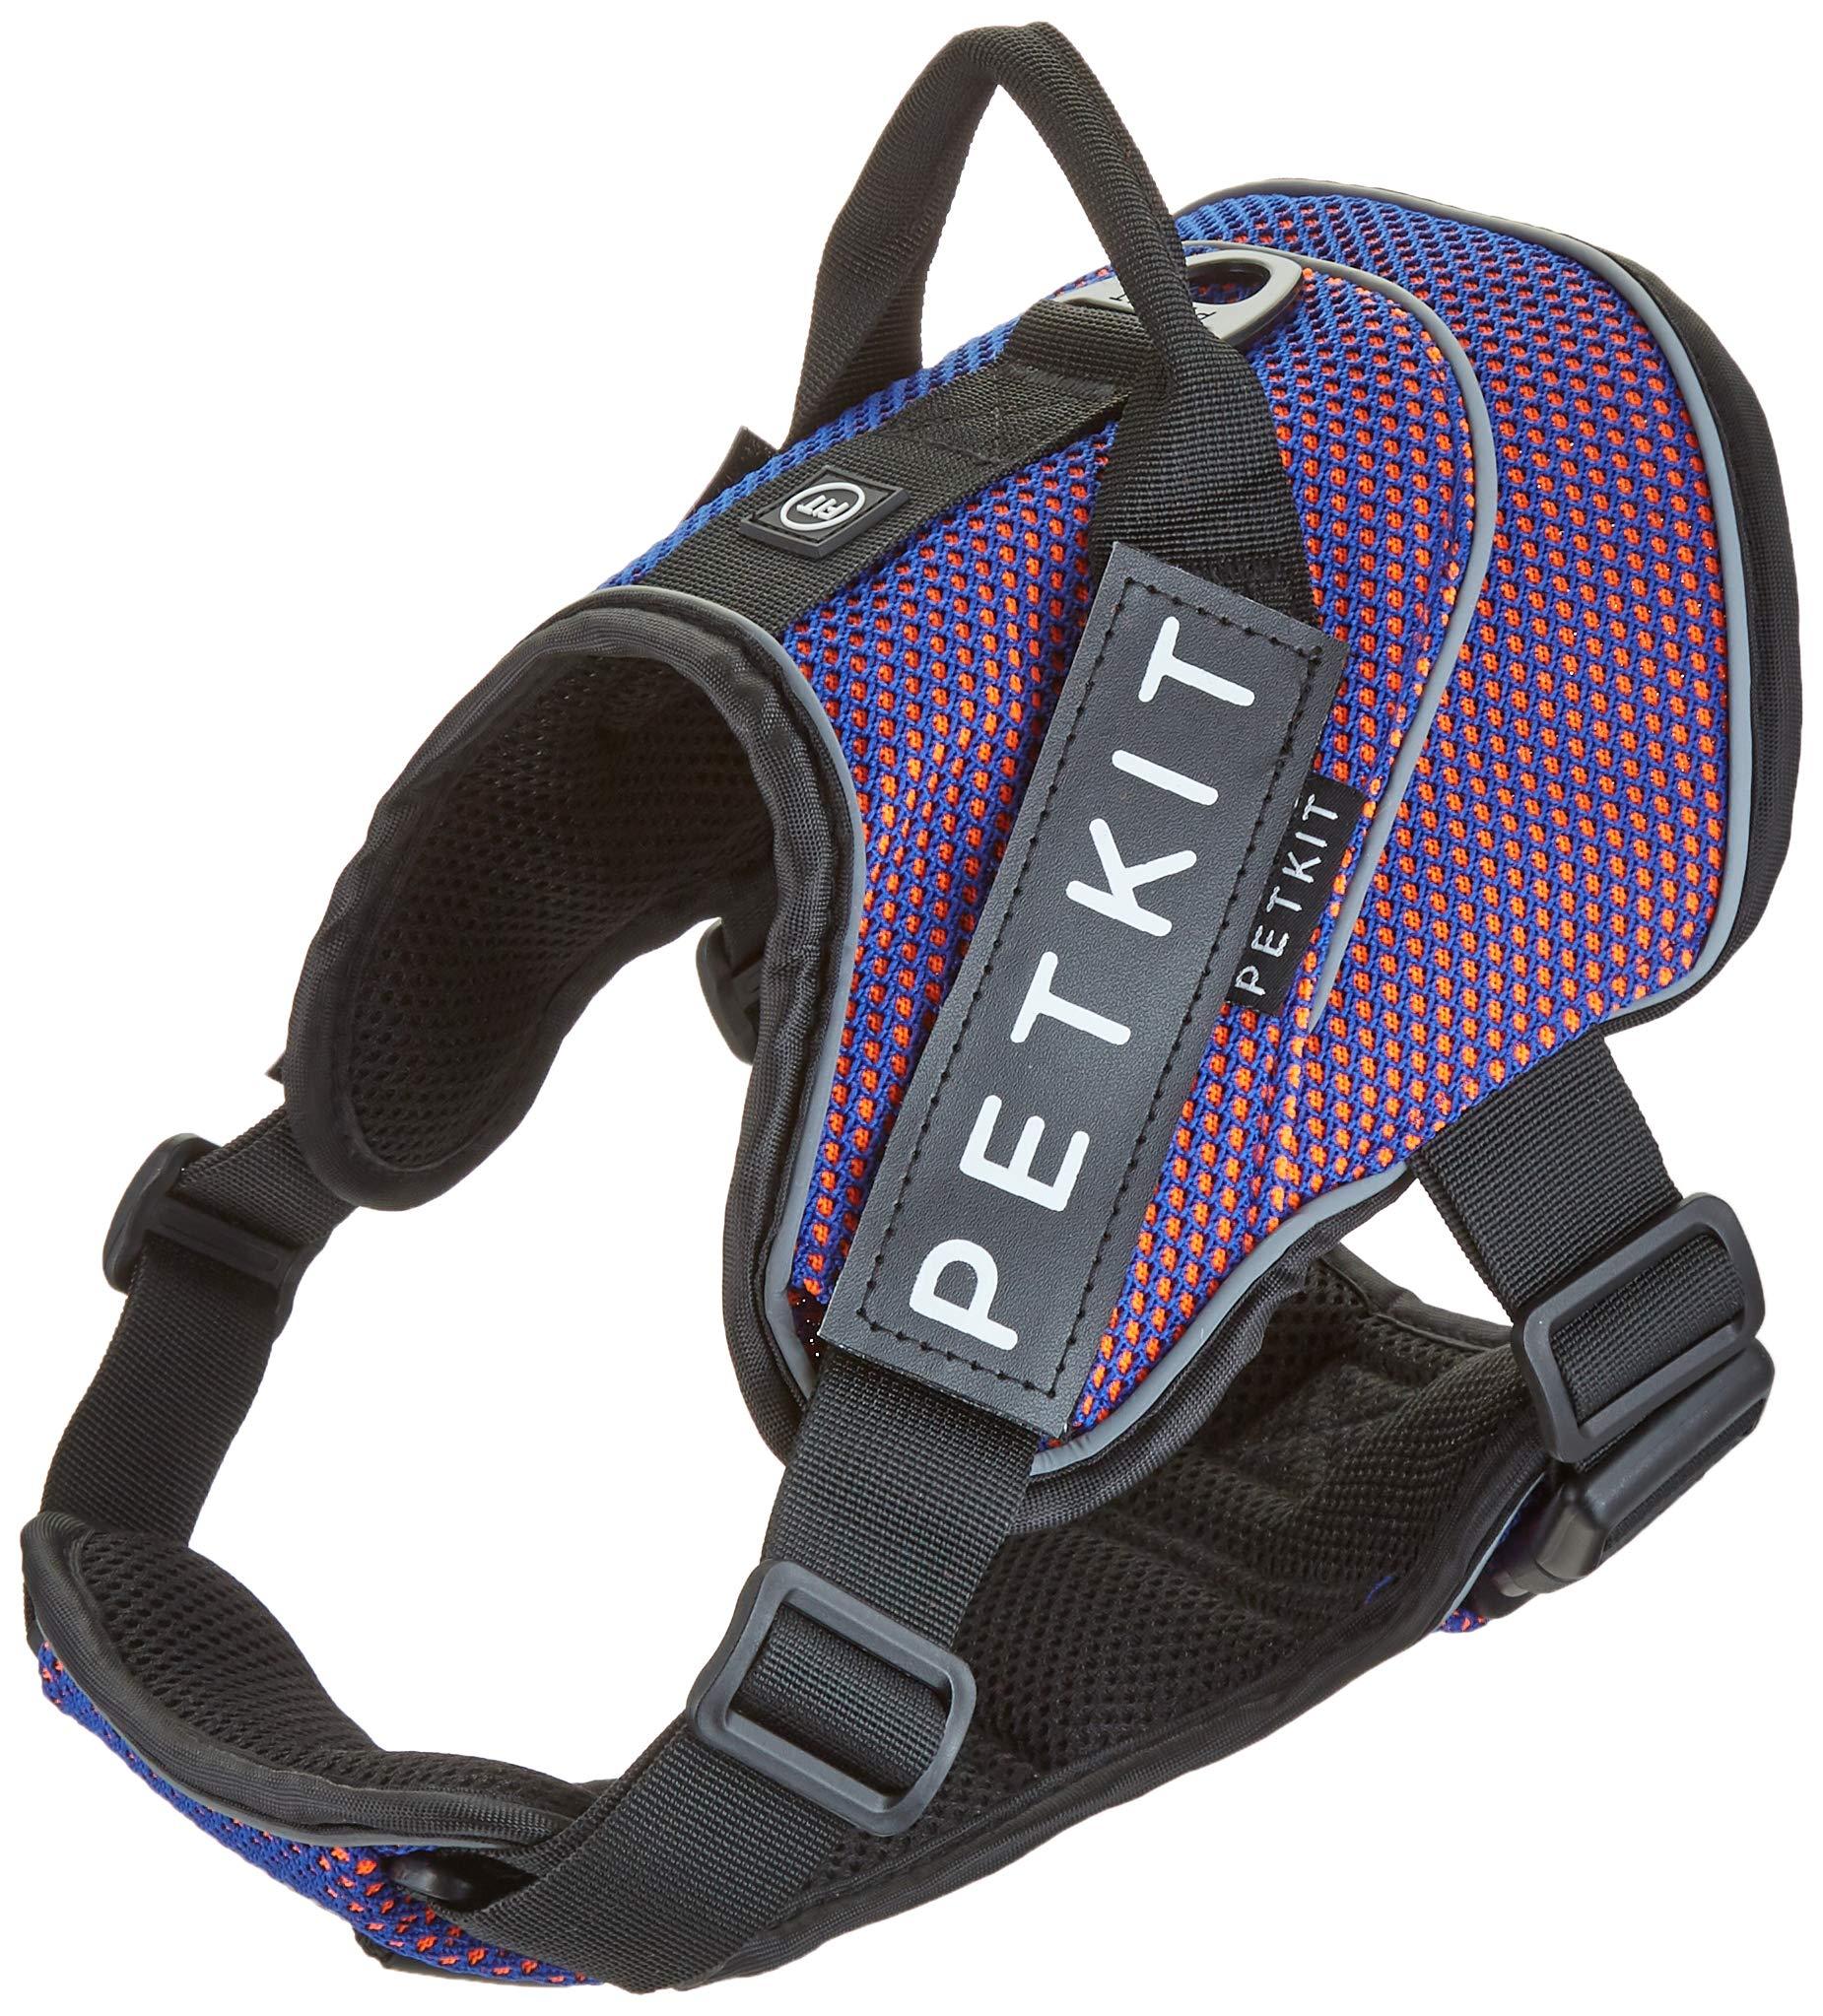 PETKIT HA8OBLM Air Compression Dog Harness, Medium